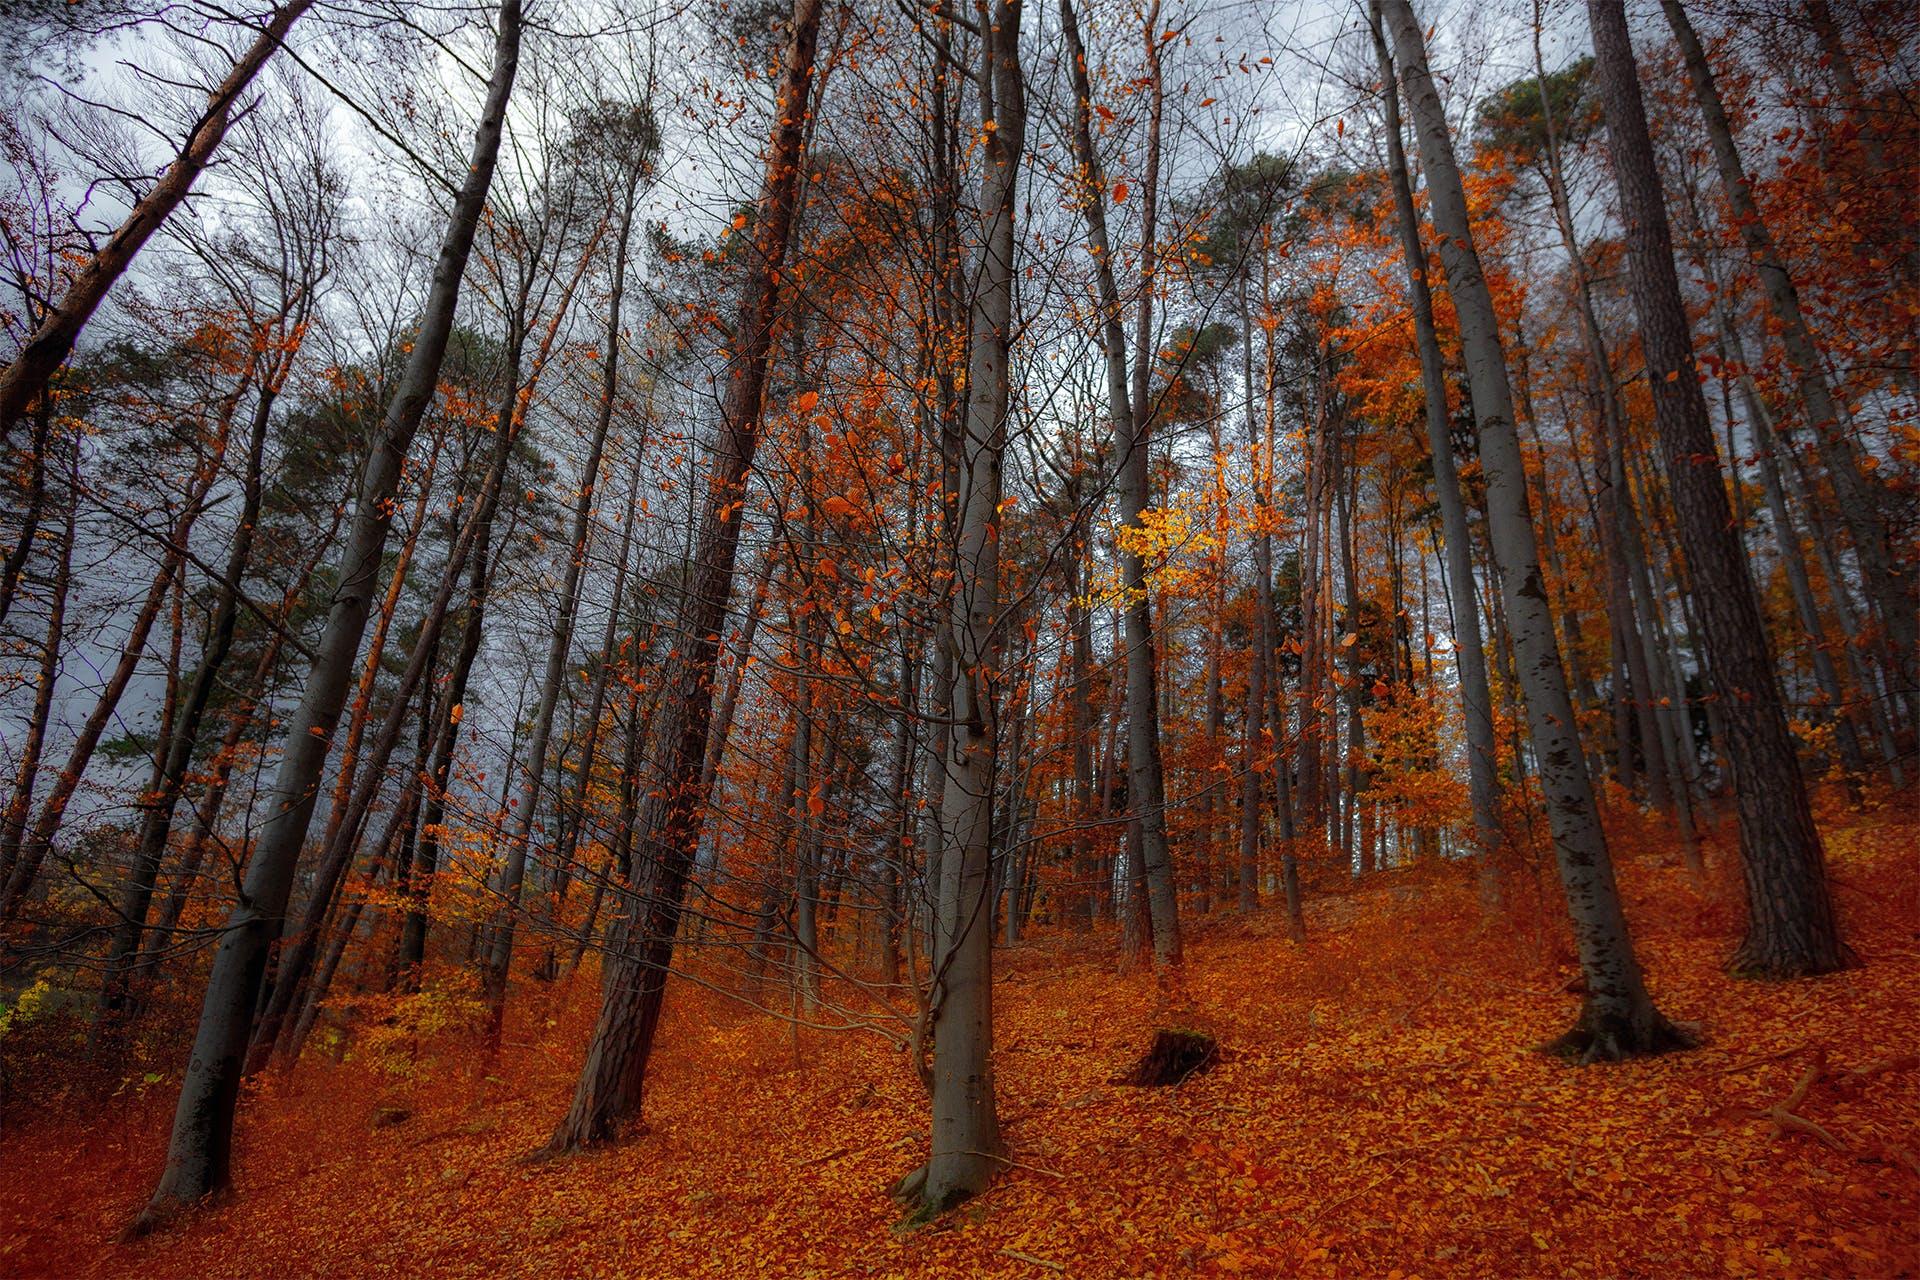 Kostenloses Stock Foto zu aufnahme von unten, bäume, baumstämme, beratung